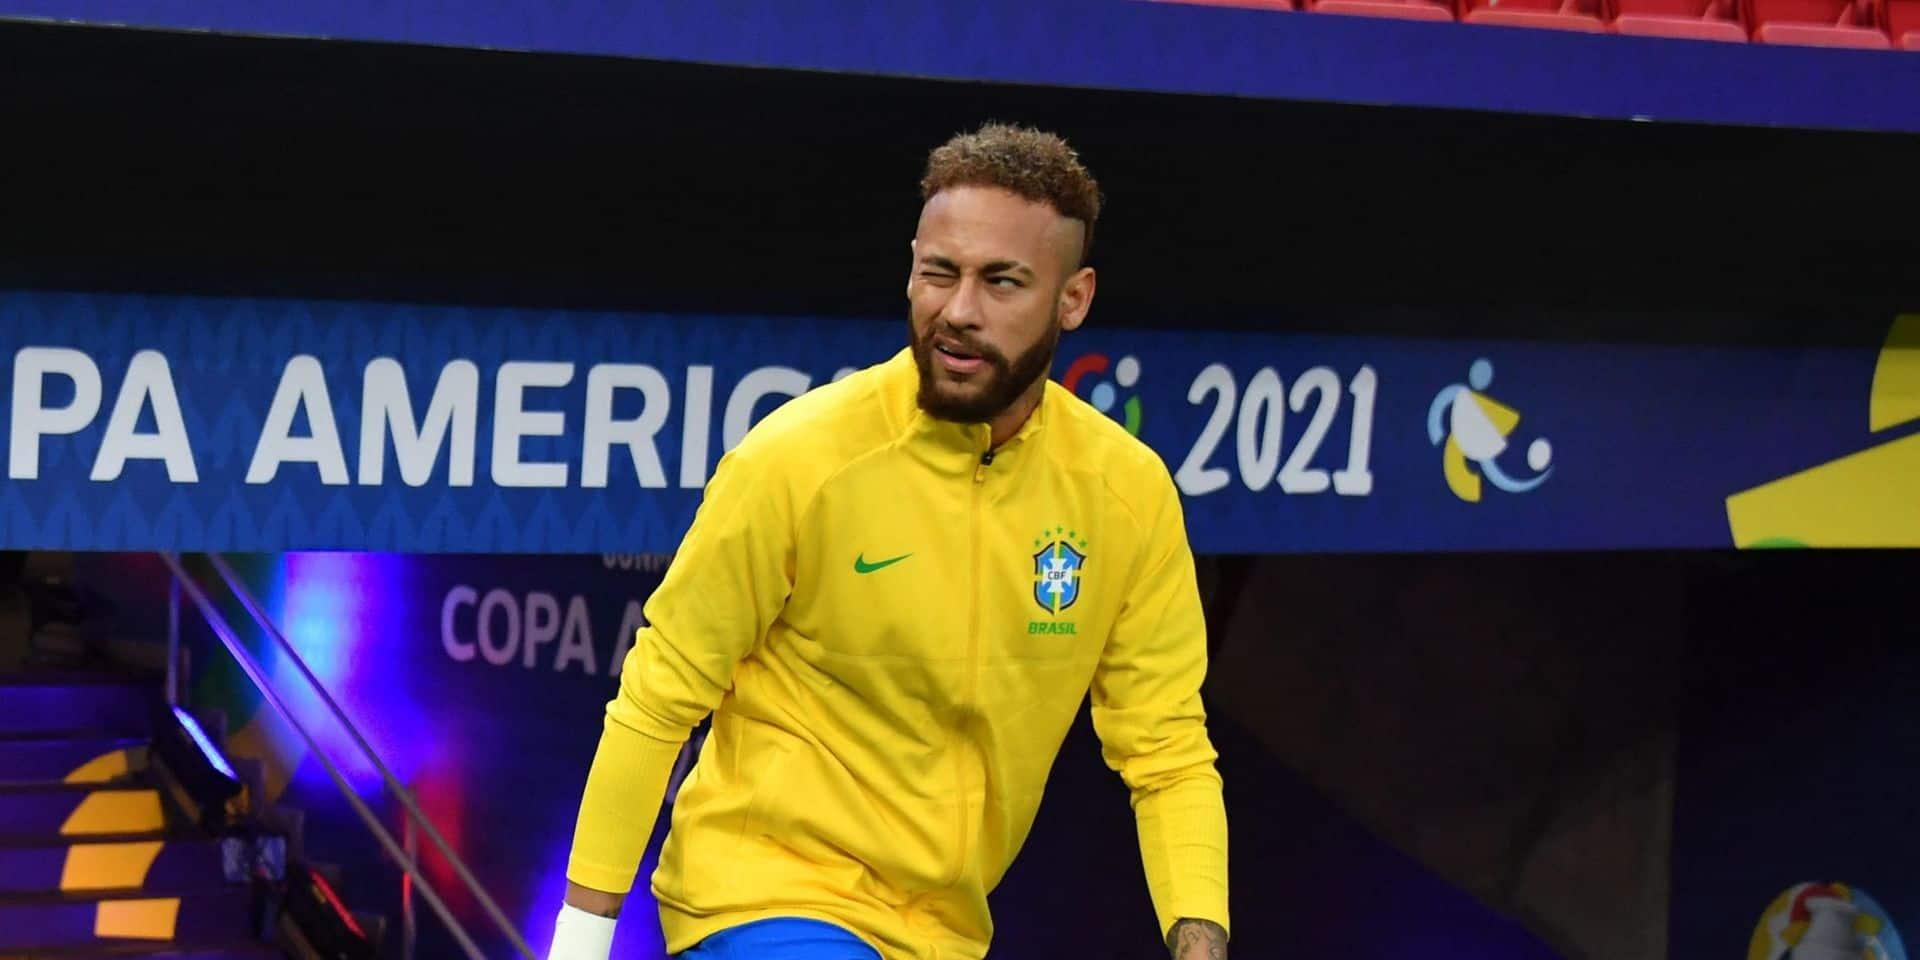 Copa America : Le Brésil bat sans briller un Venezuela diminué, Neymar décisif